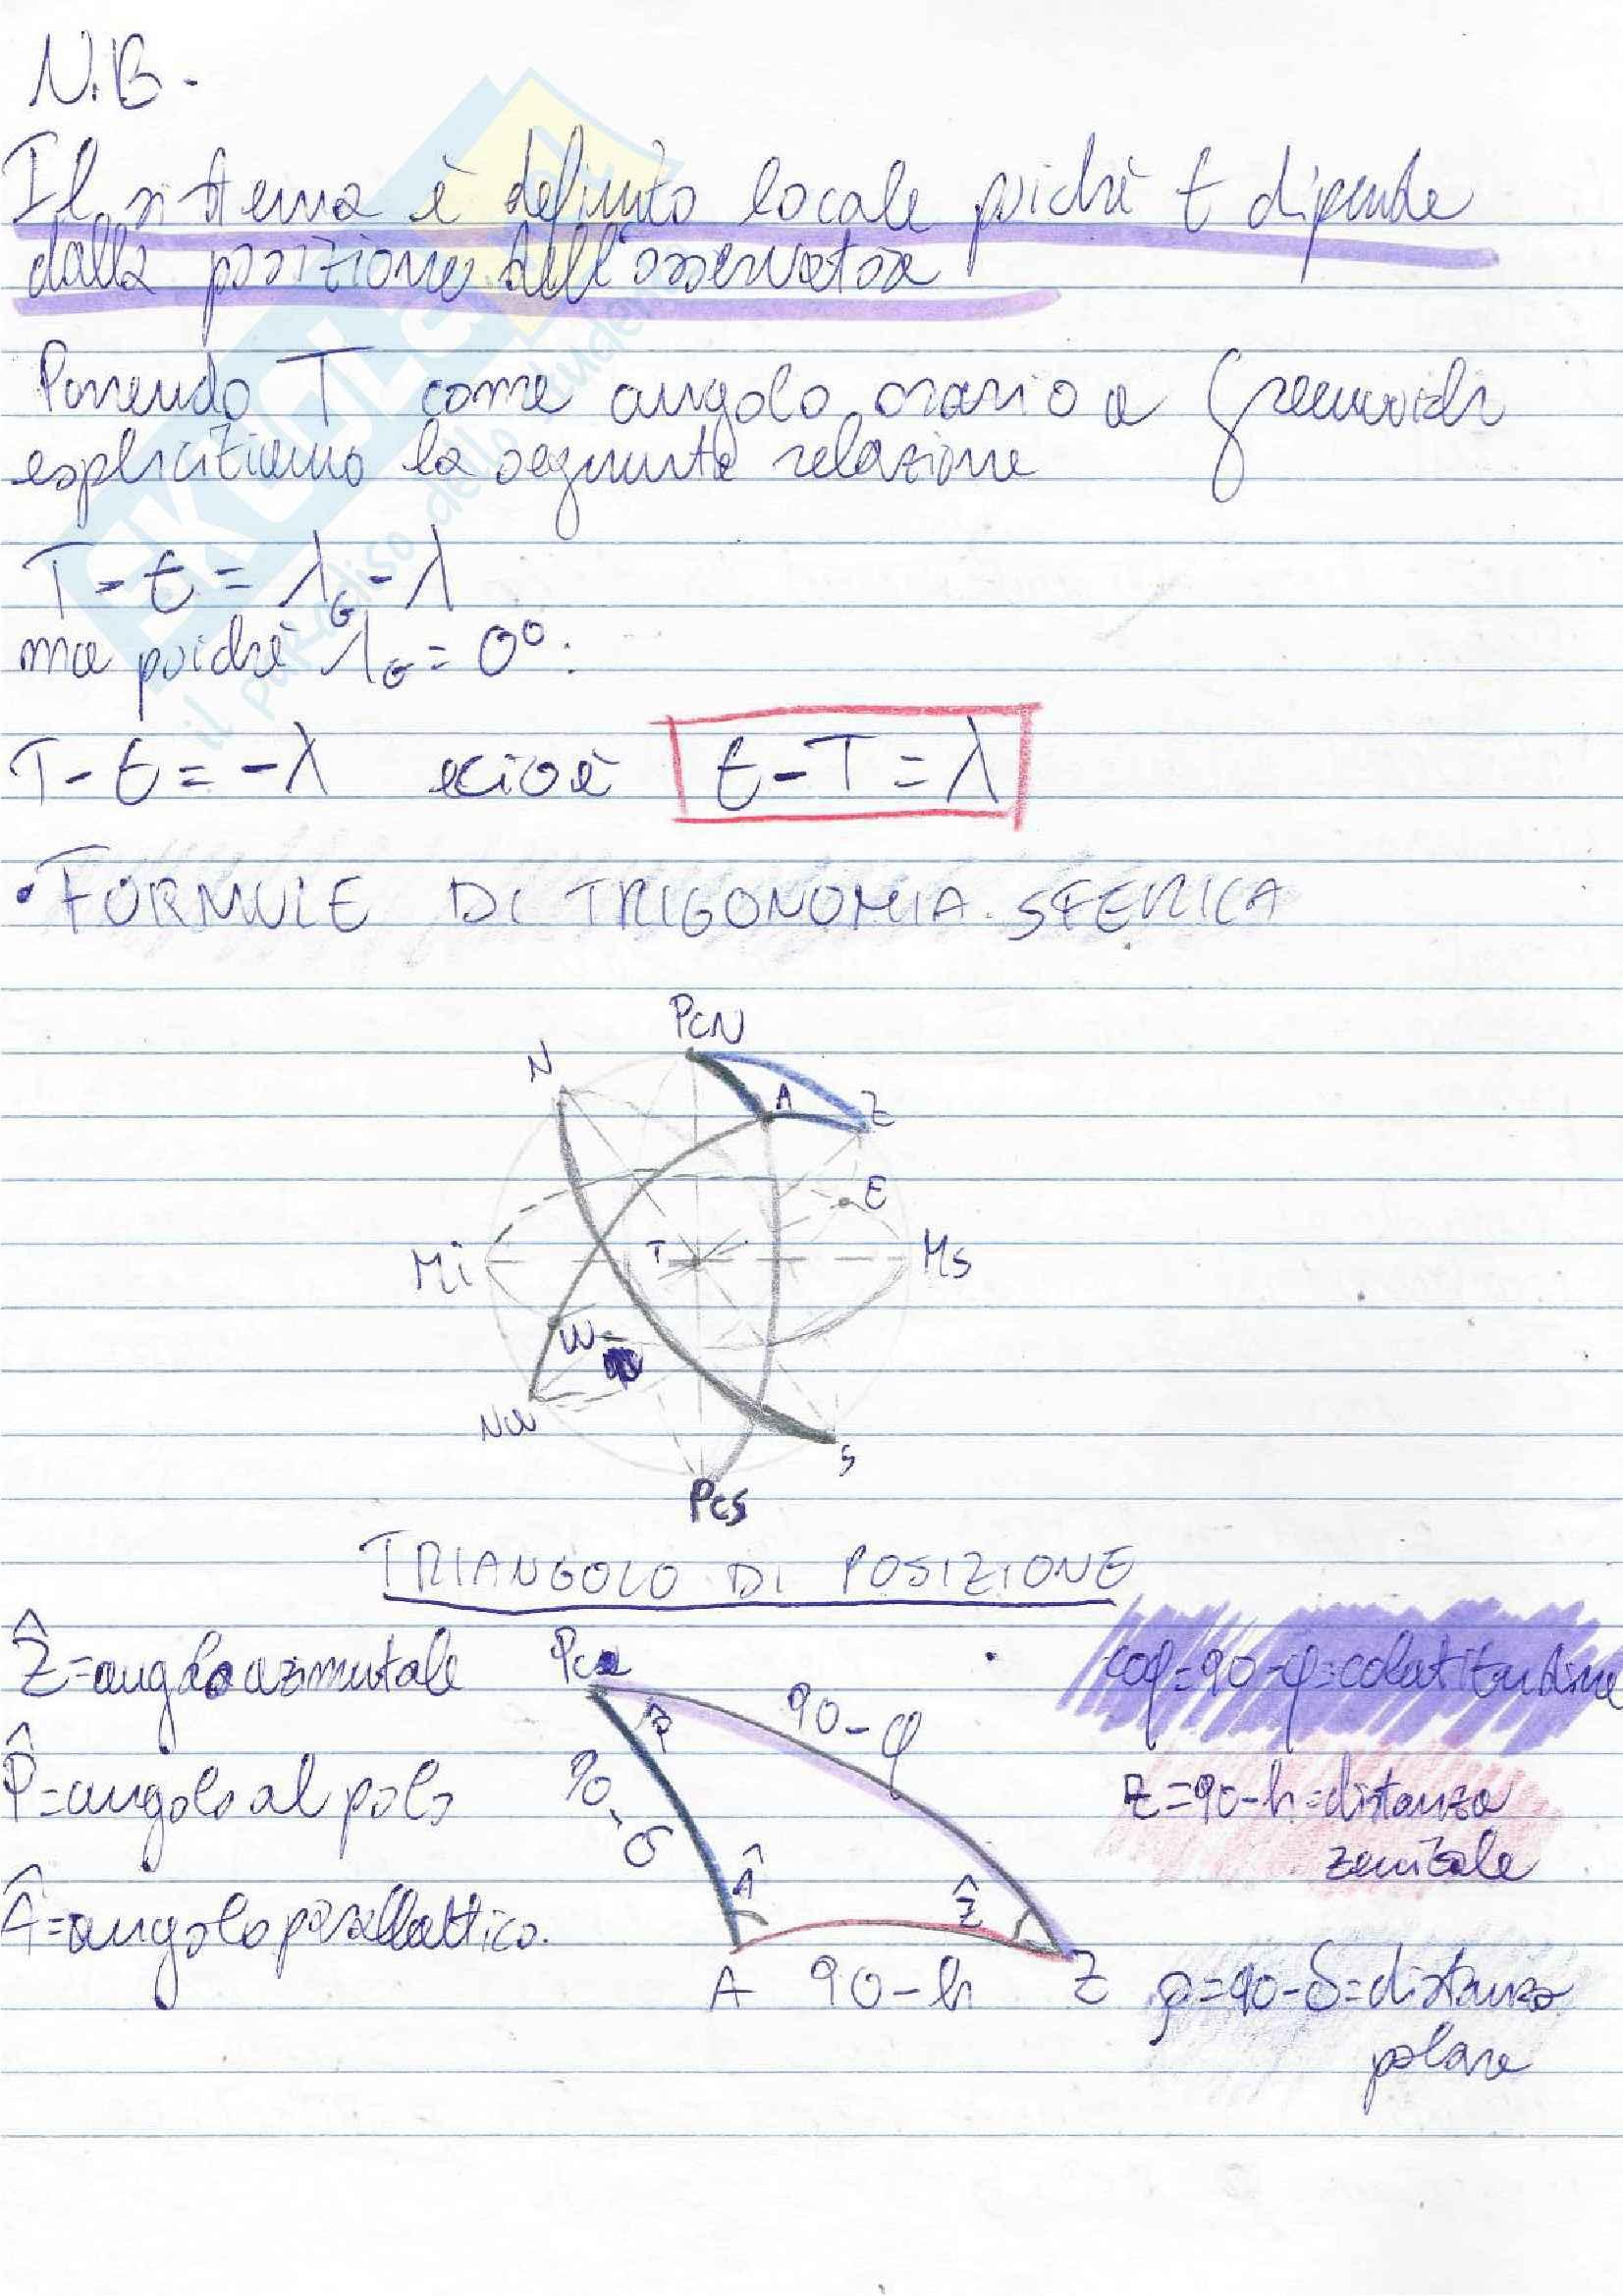 Lezioni, Navigazione Astronomica Pag. 6